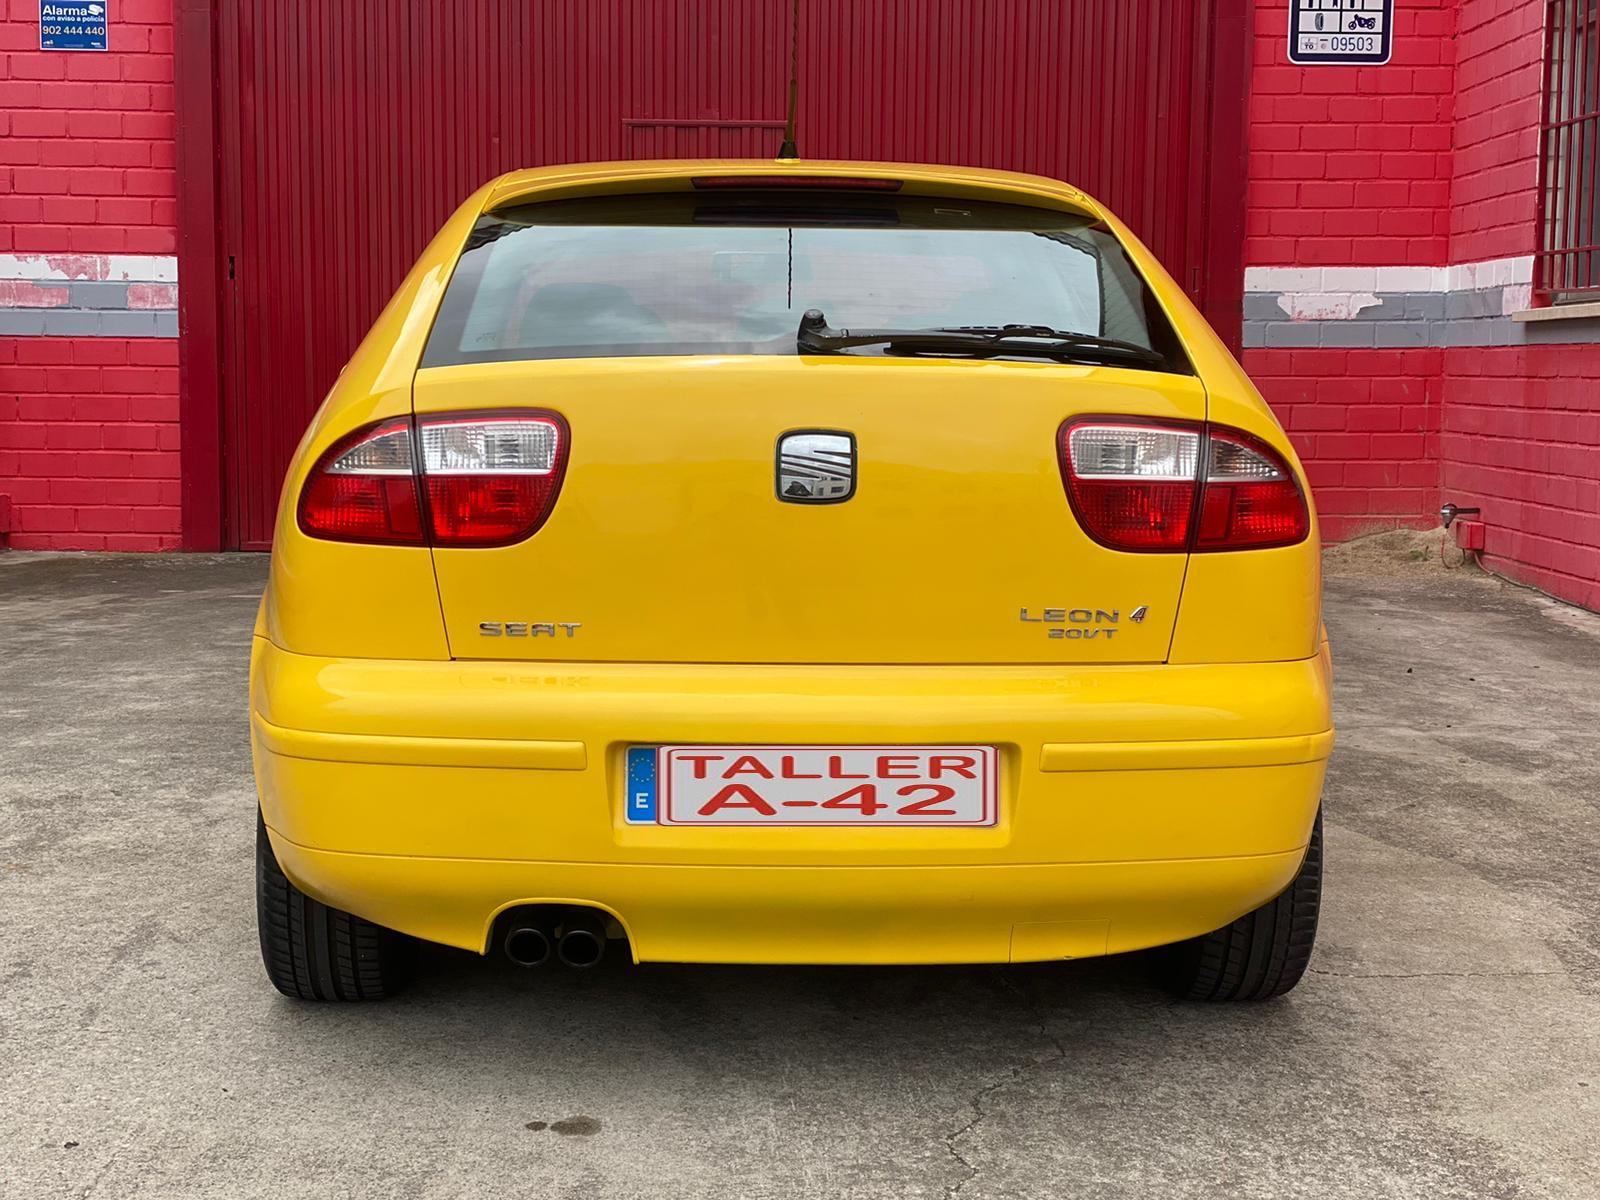 Venta Seat leon fr 1.8 turbo en toledo trasera 1